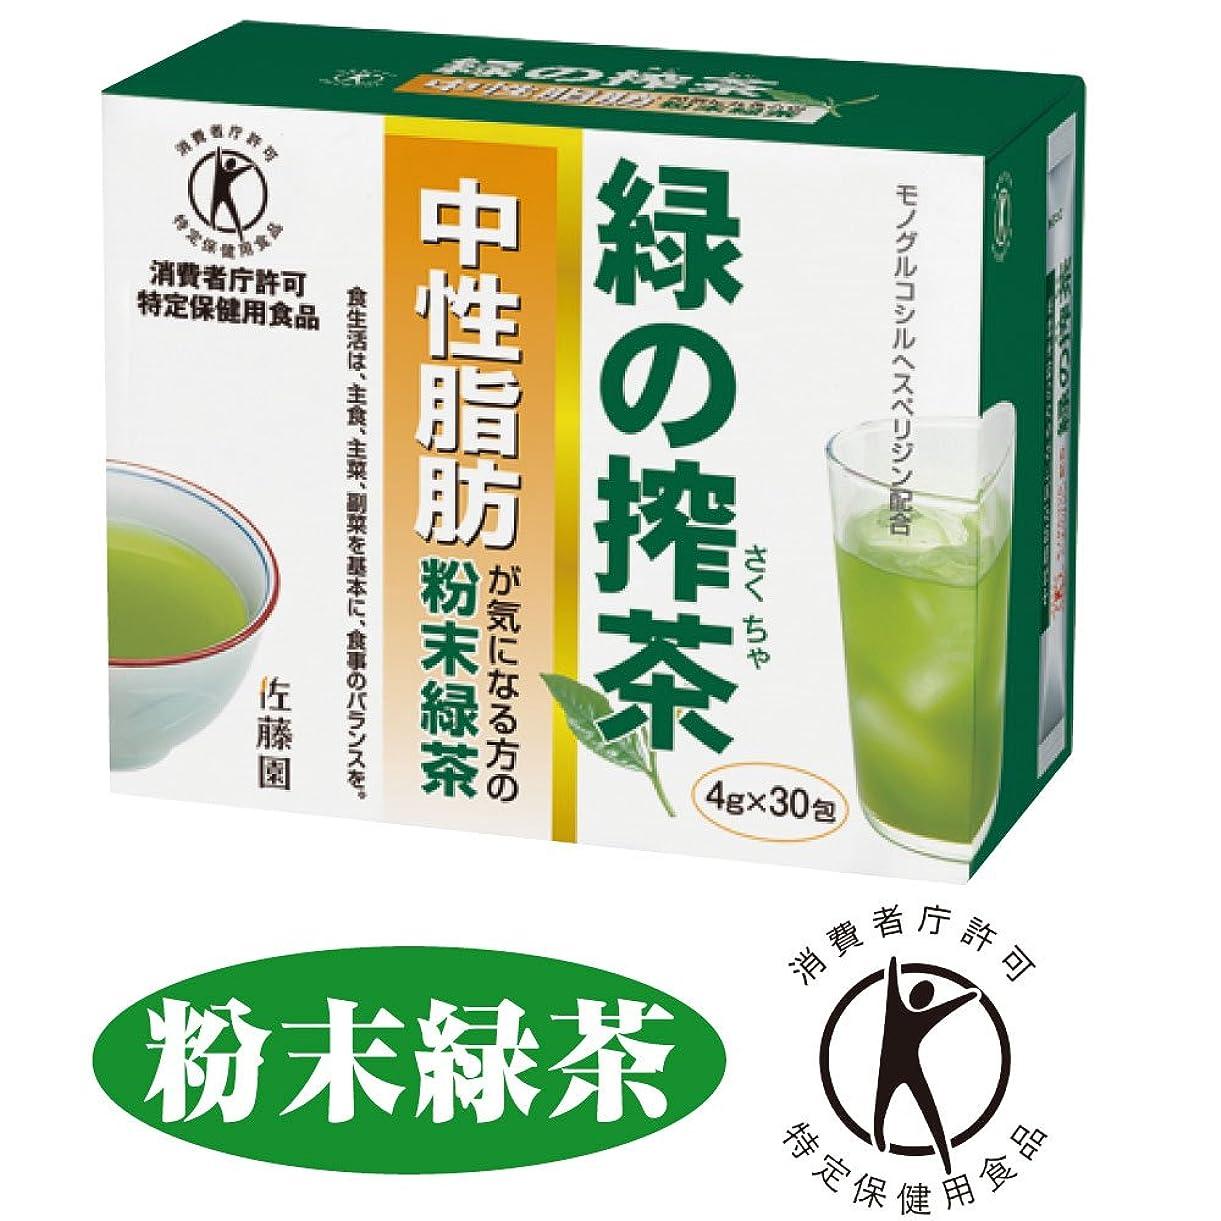 明らかにするやりがいのあるわかりやすい佐藤園のトクホのお茶 緑の搾茶(中性脂肪) 30包 [特定保健用食品]